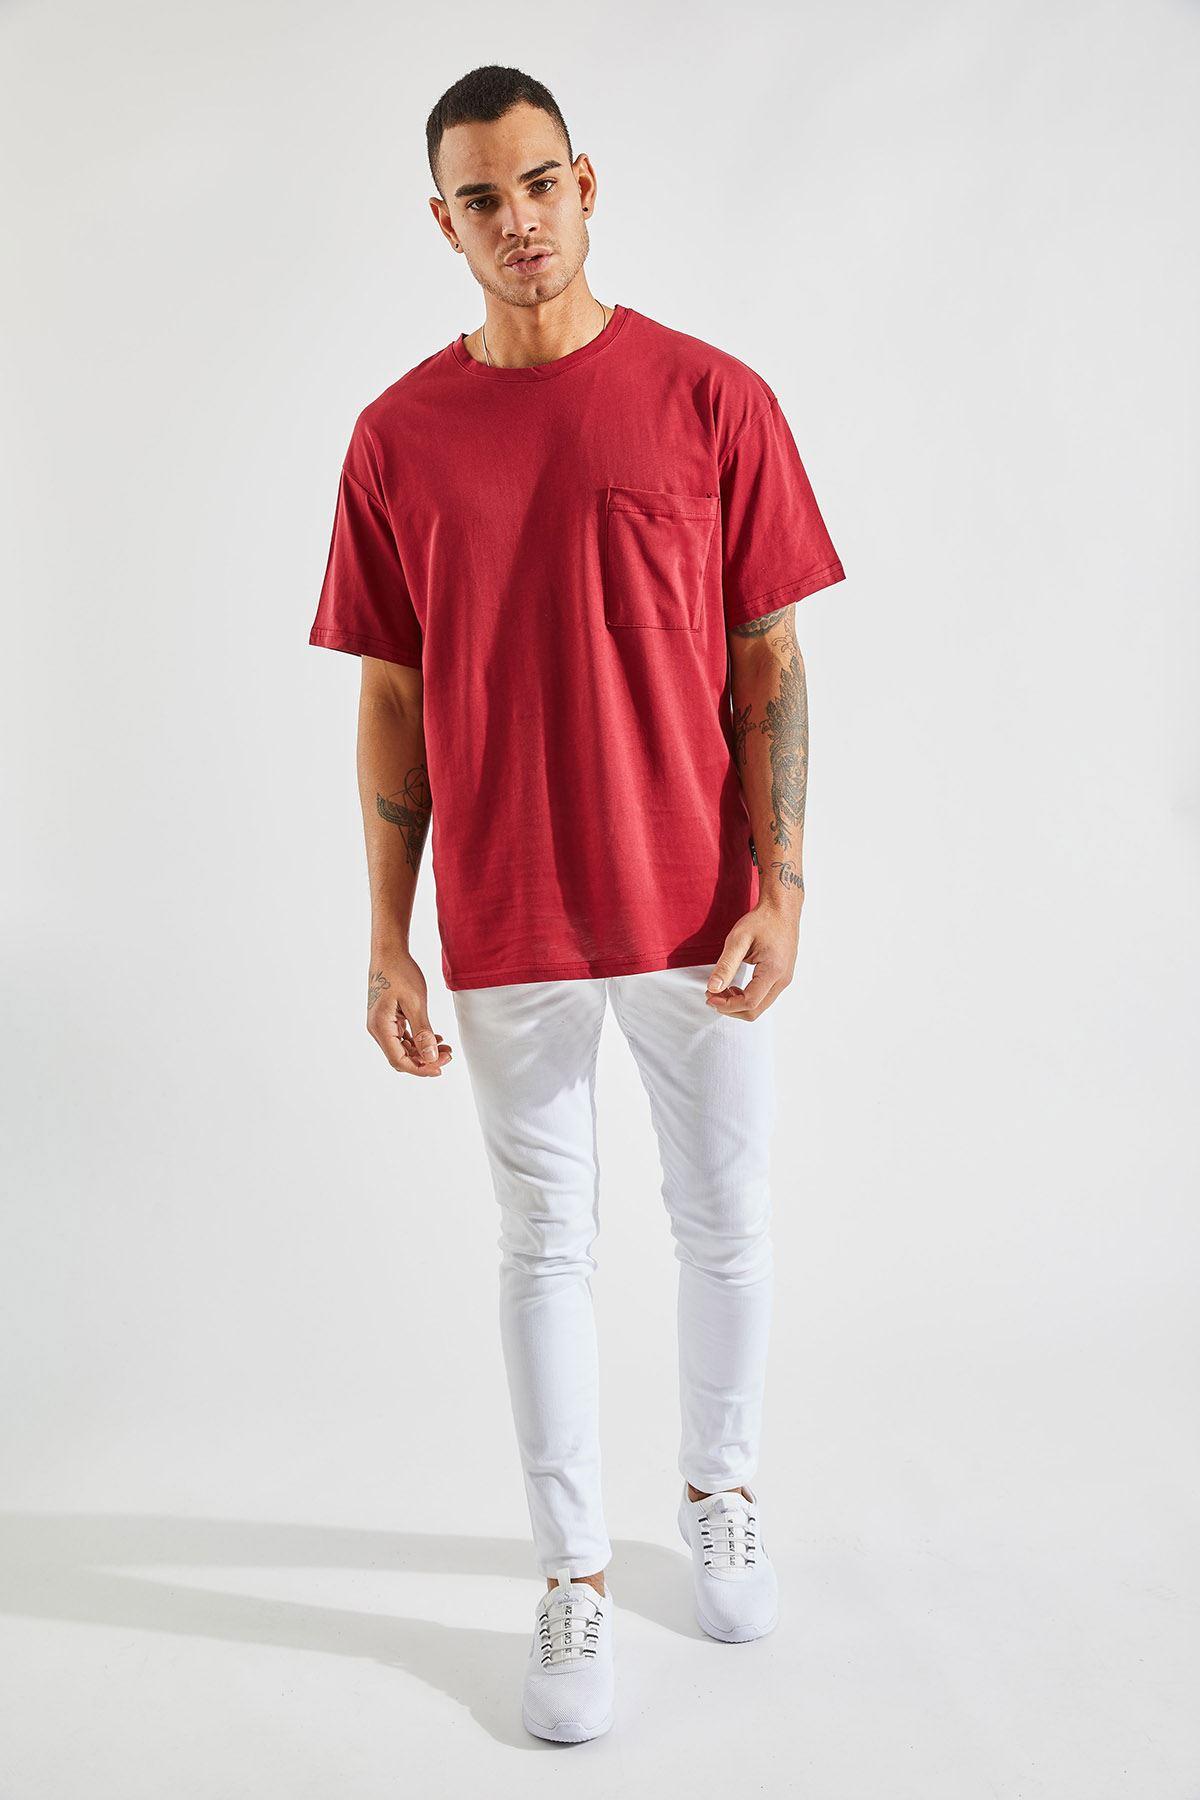 Erkek Oversize Cepli Bordo Tişört